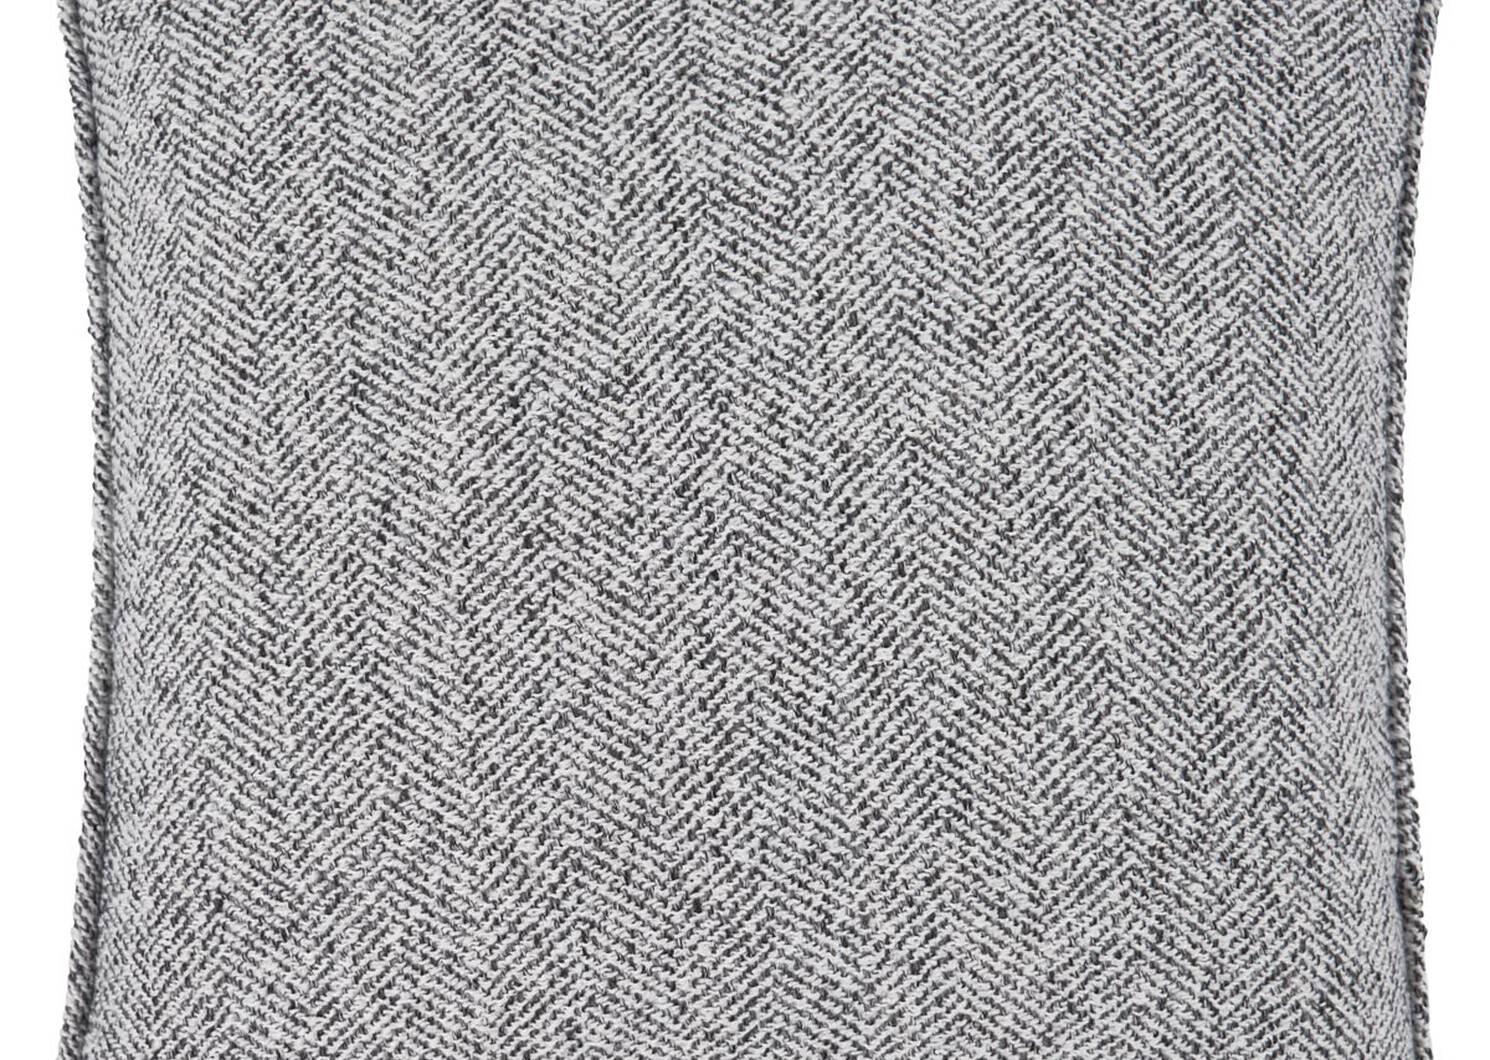 Calvet Toss 20x20 Light Grey